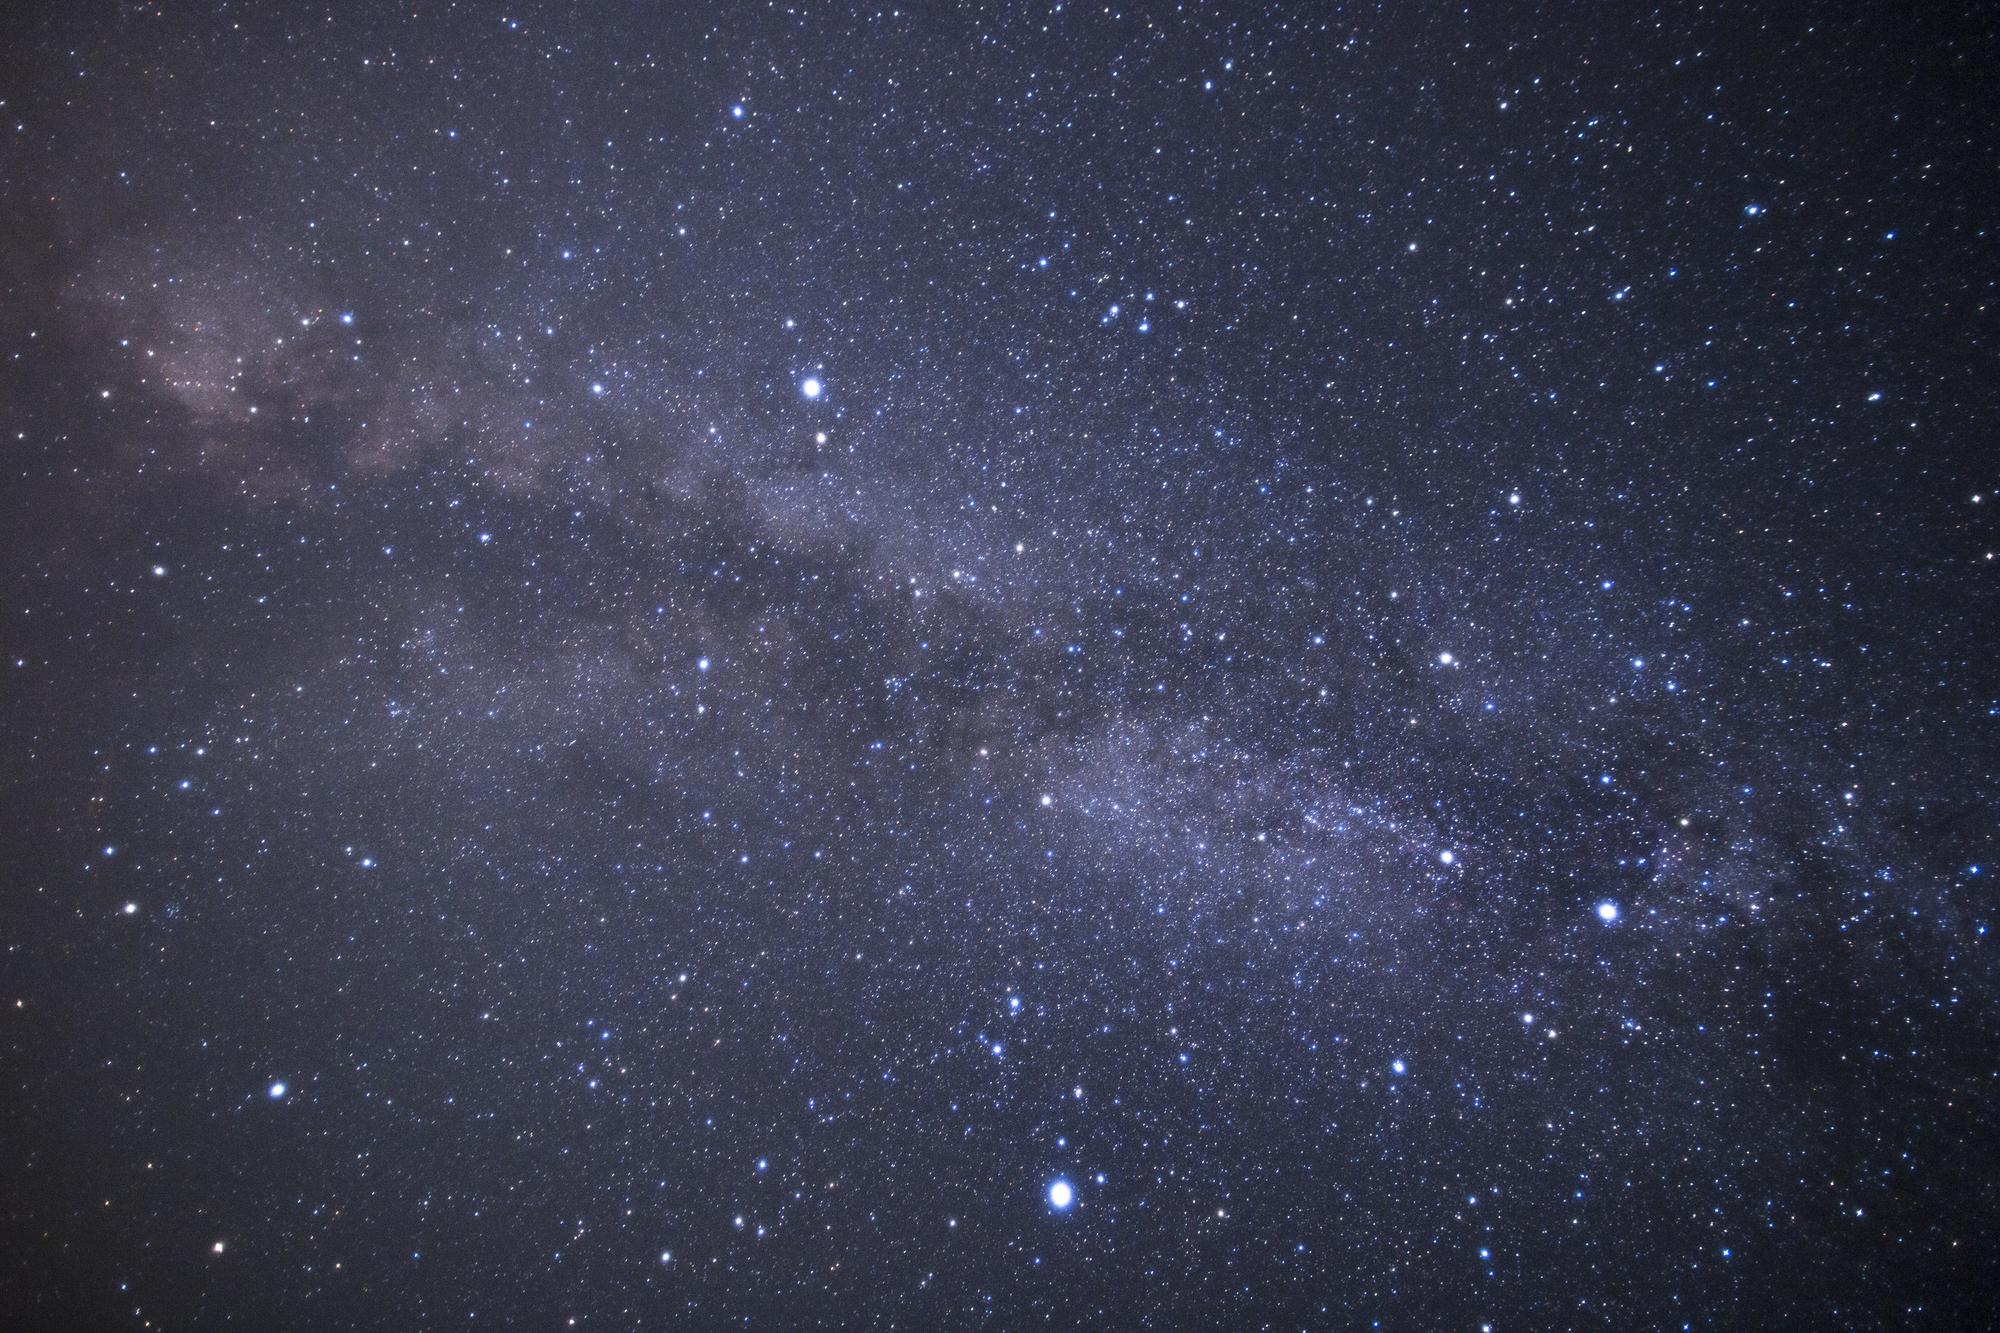 夜空に瞬く星の数々